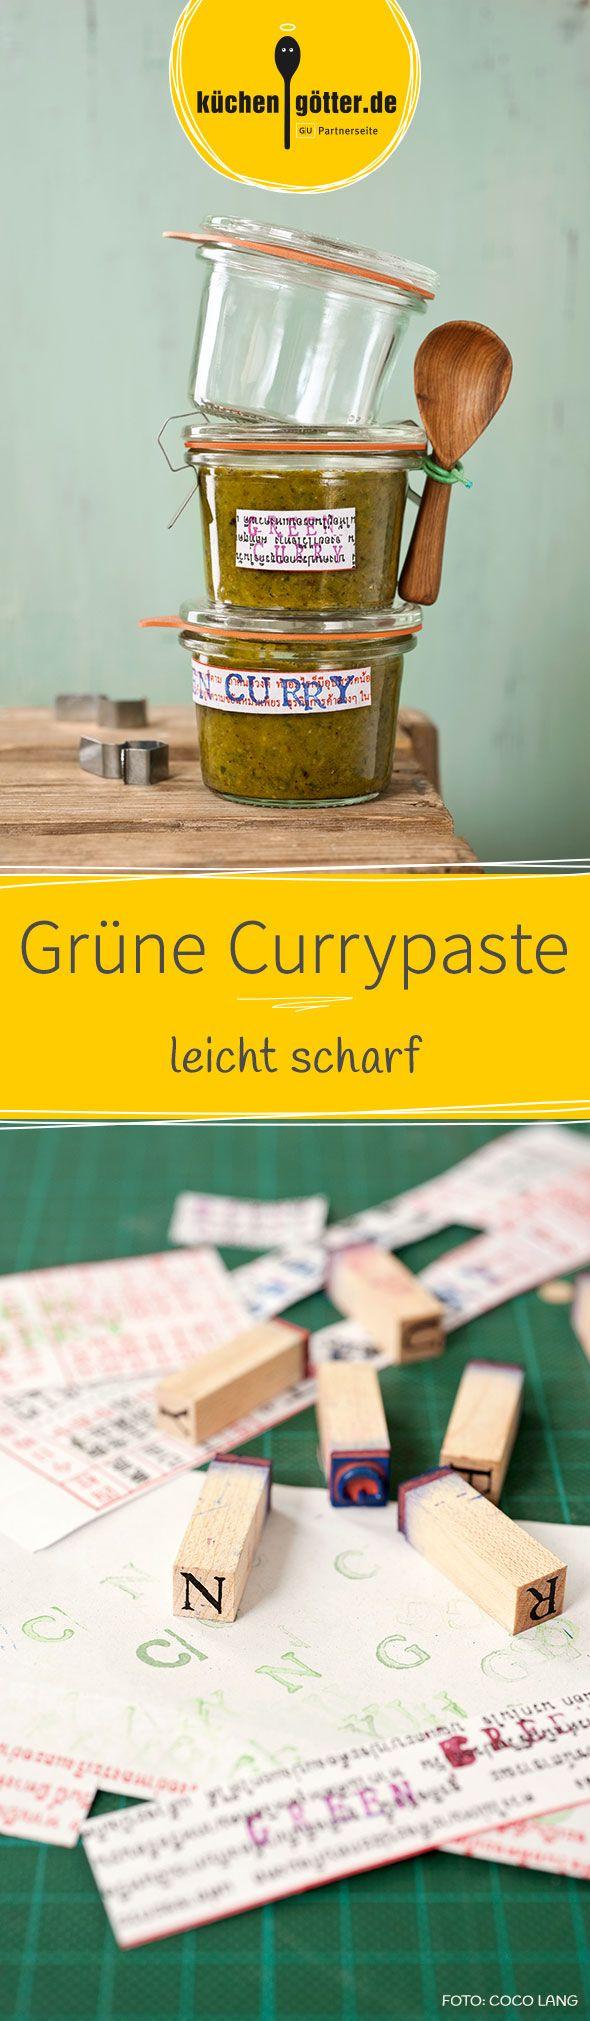 Wer mag, verschenkt unsere hübsch verpackte Currypaste zusätzlich mit einem handgeschriebenen Rezept für ein typisch thailändisches Currygericht. Natürlich mit einer Aufforderung zum Probieren =)